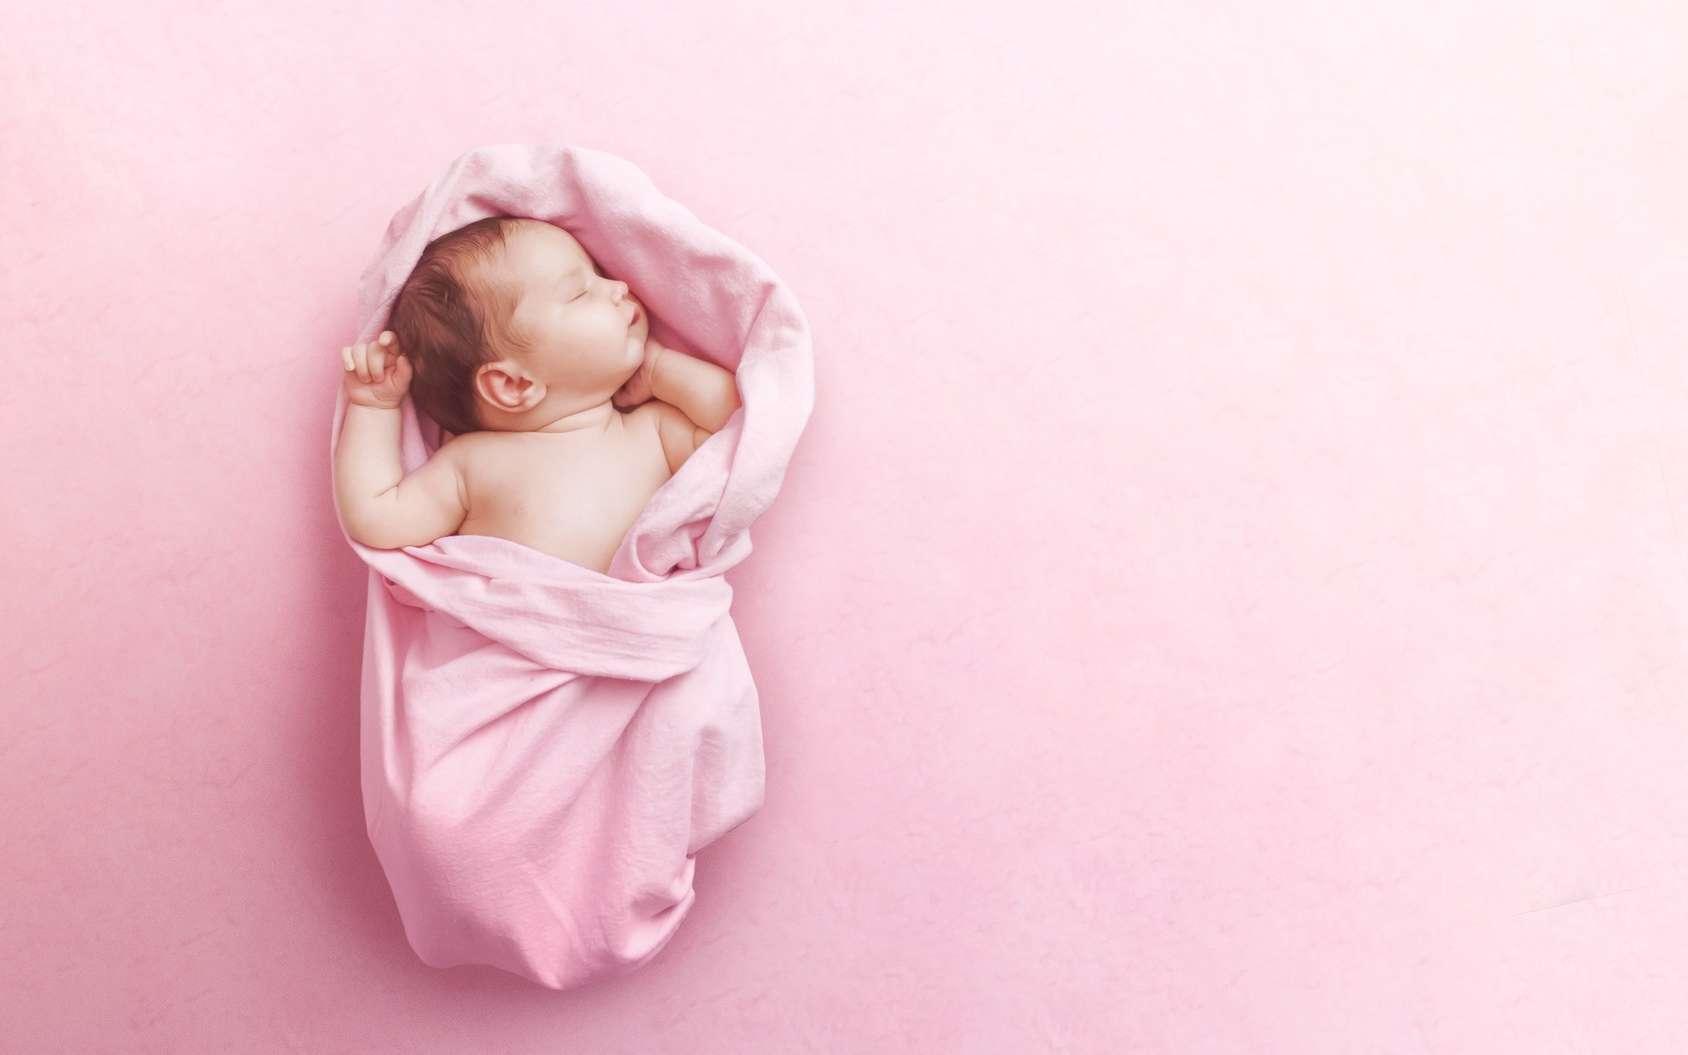 Aux États-Unis, un bébé naît d'un embryon congelé il y a 24 ans. La fille et sa mère sont en fait de la même génération… © svetlanasmirnova, Fotolia